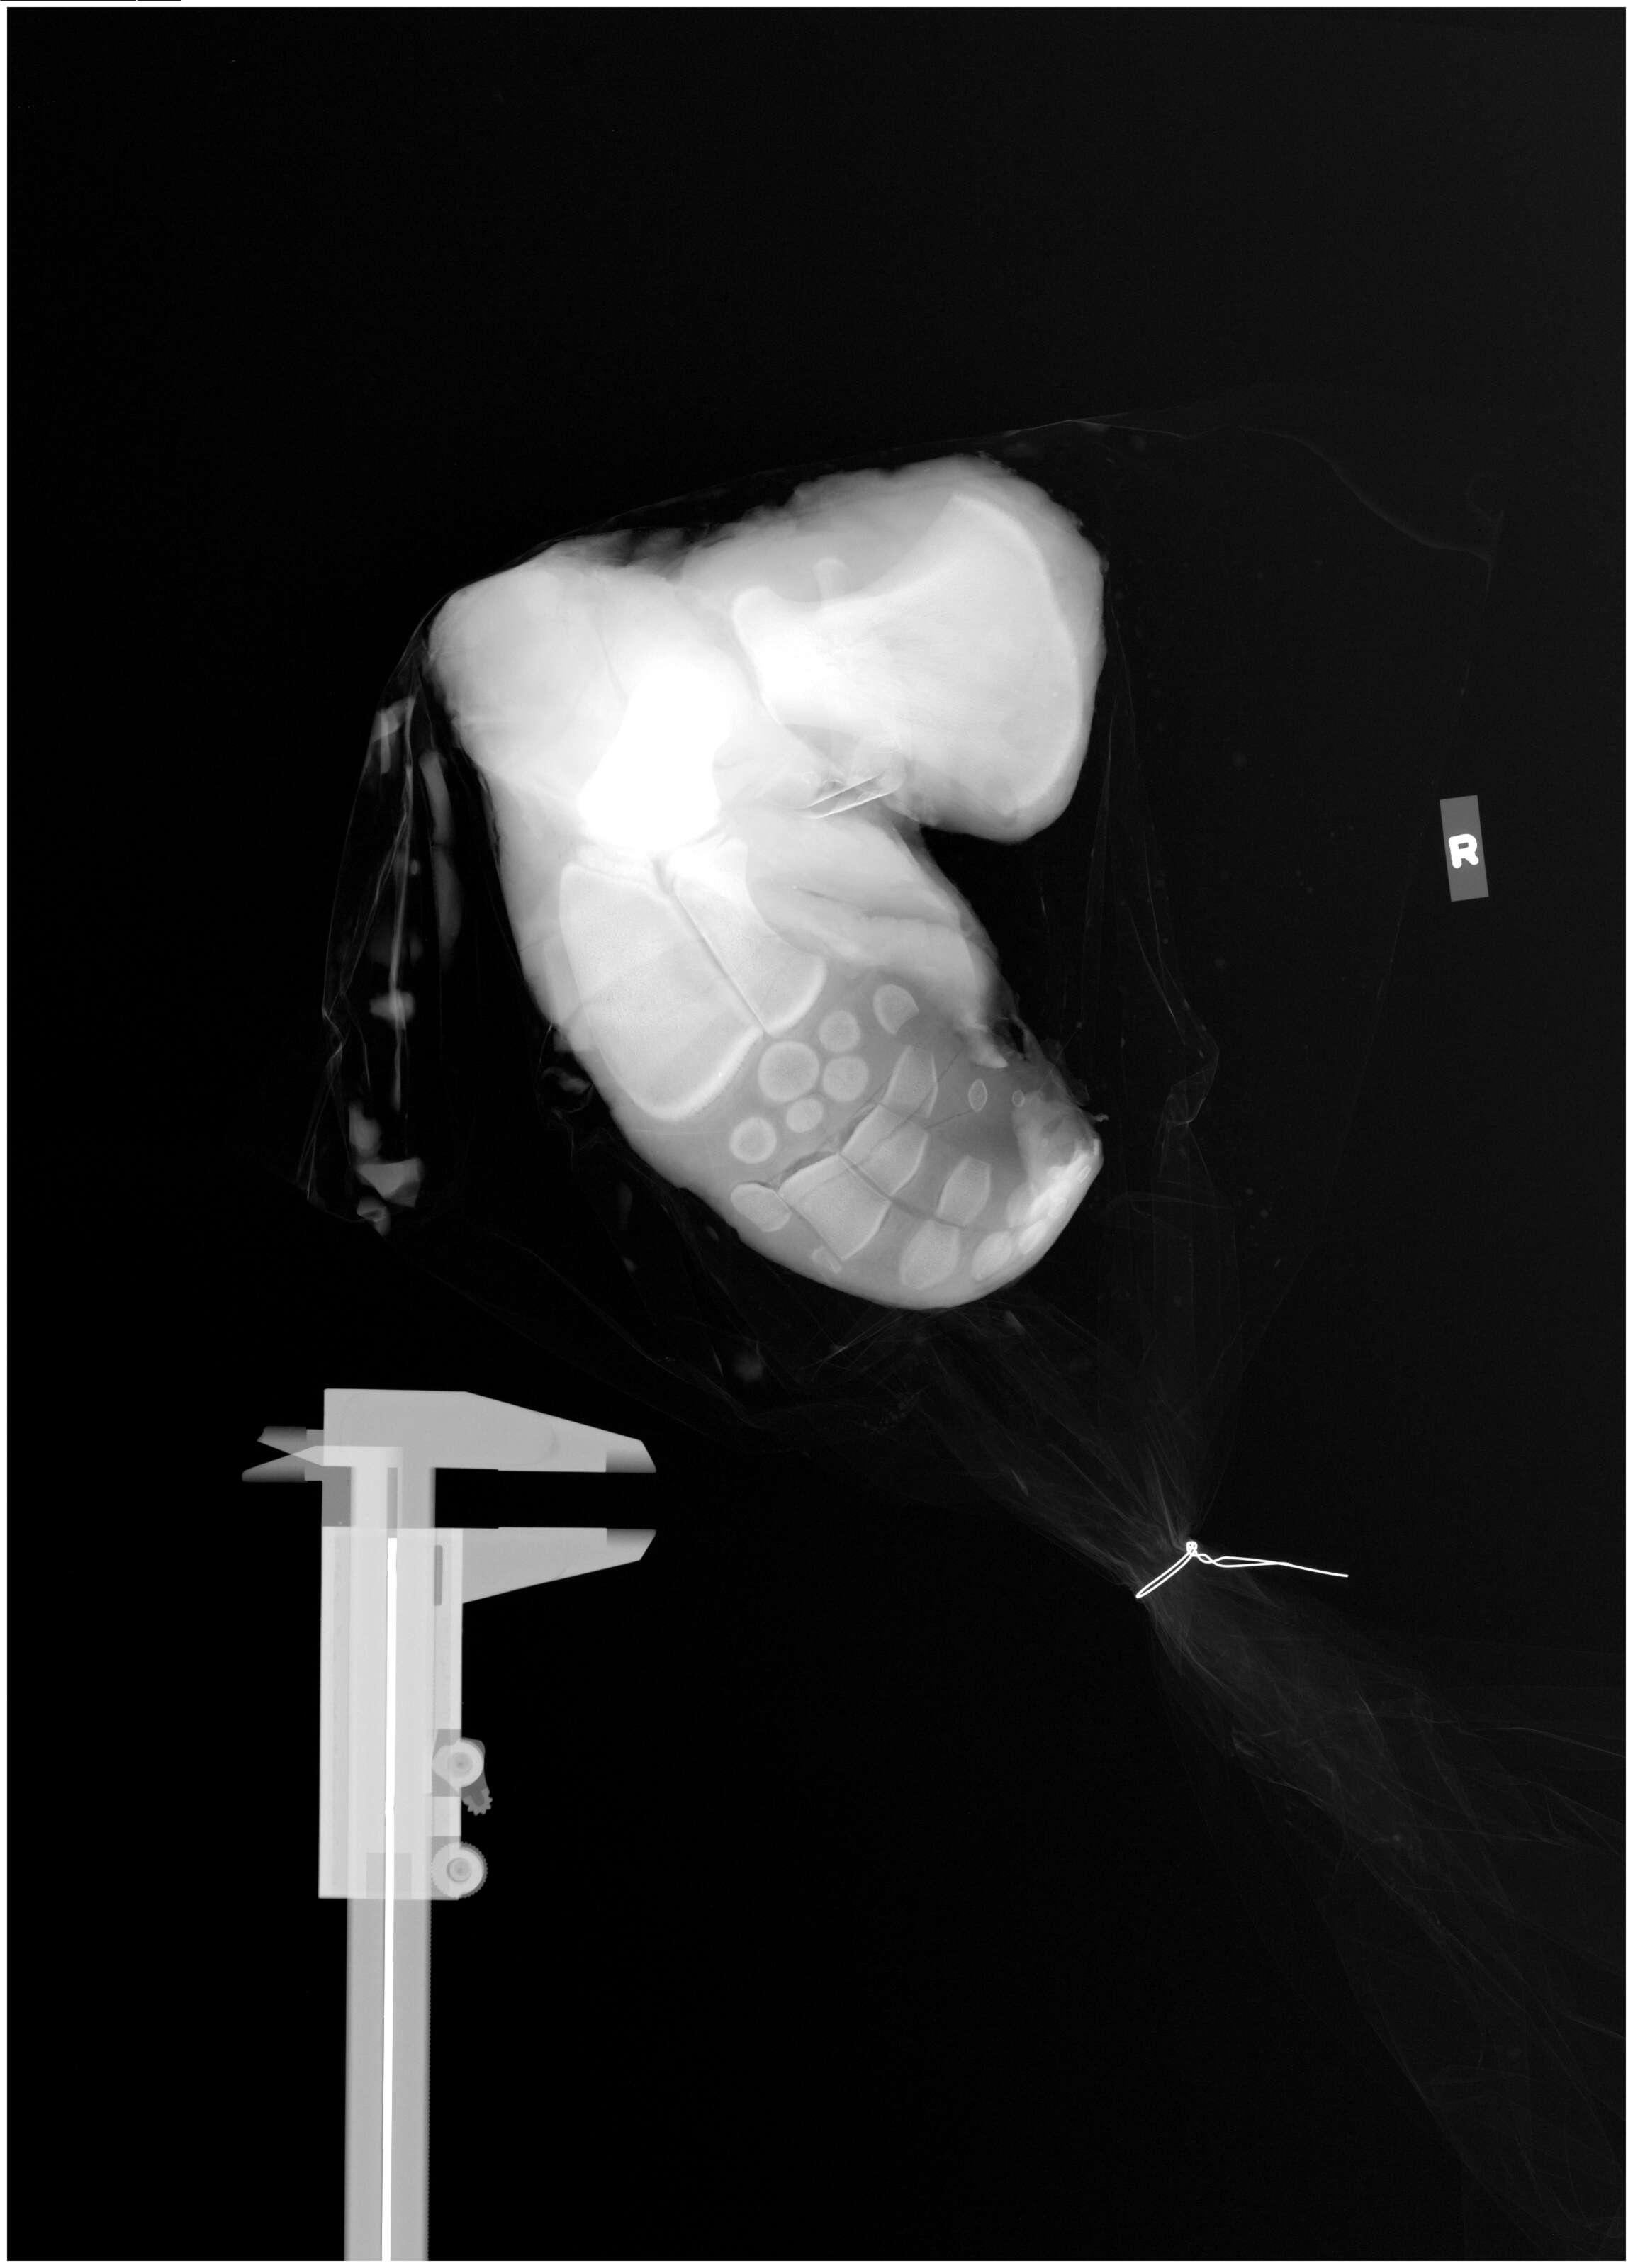 Image of deuterostomes